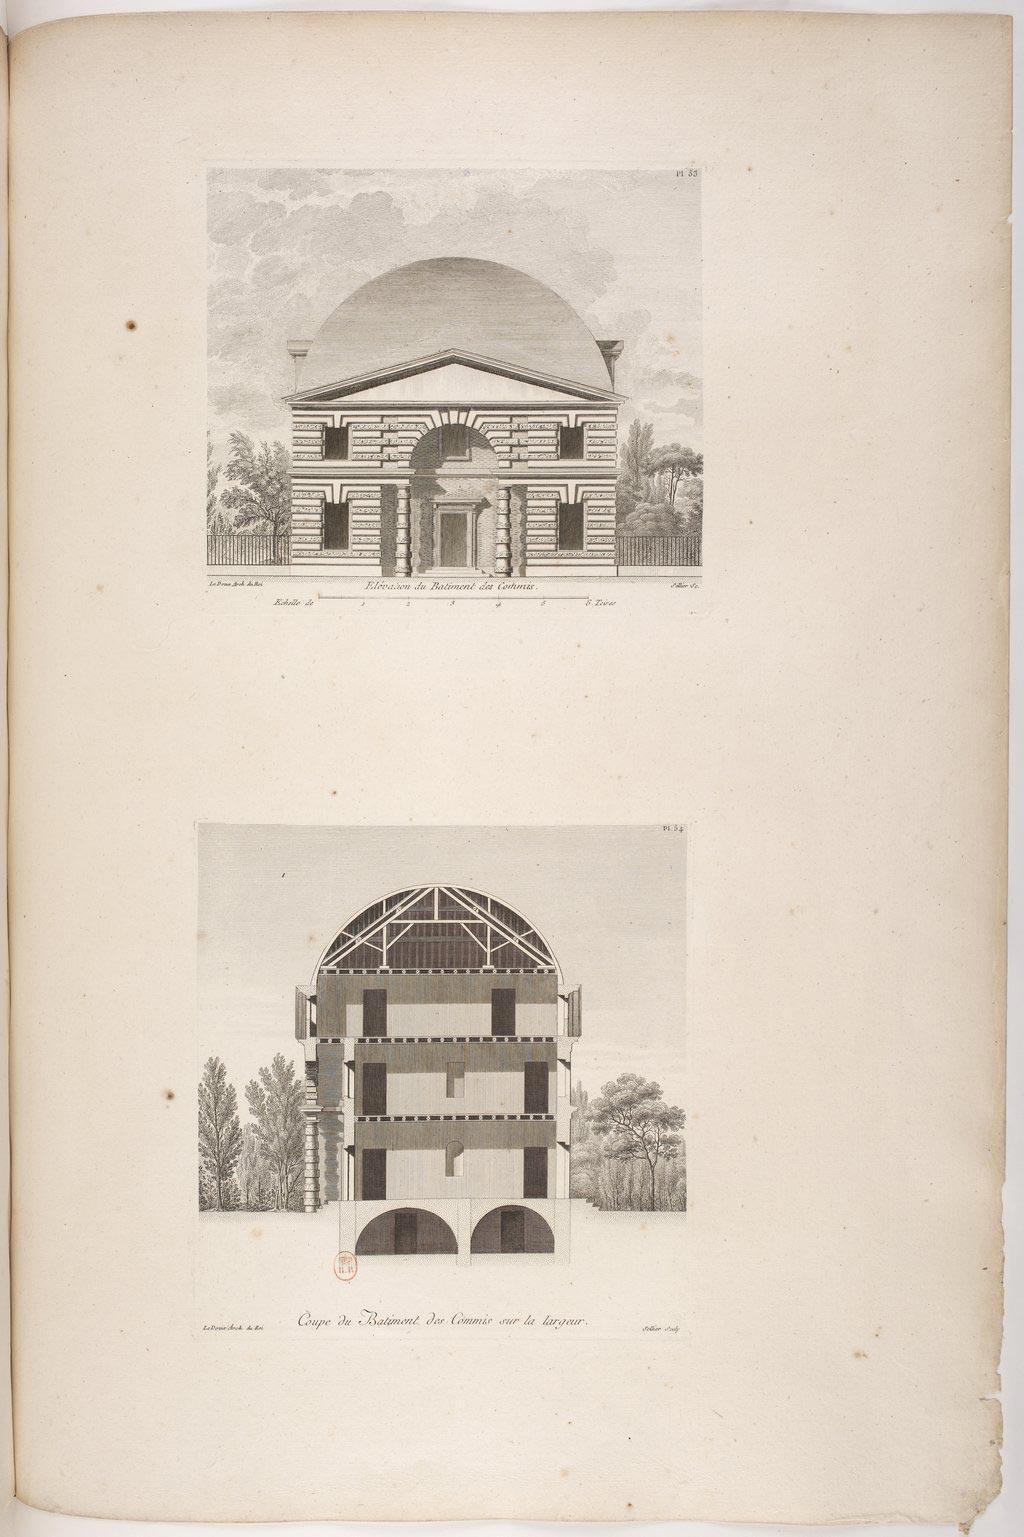 ledoux-claude-architecture-351